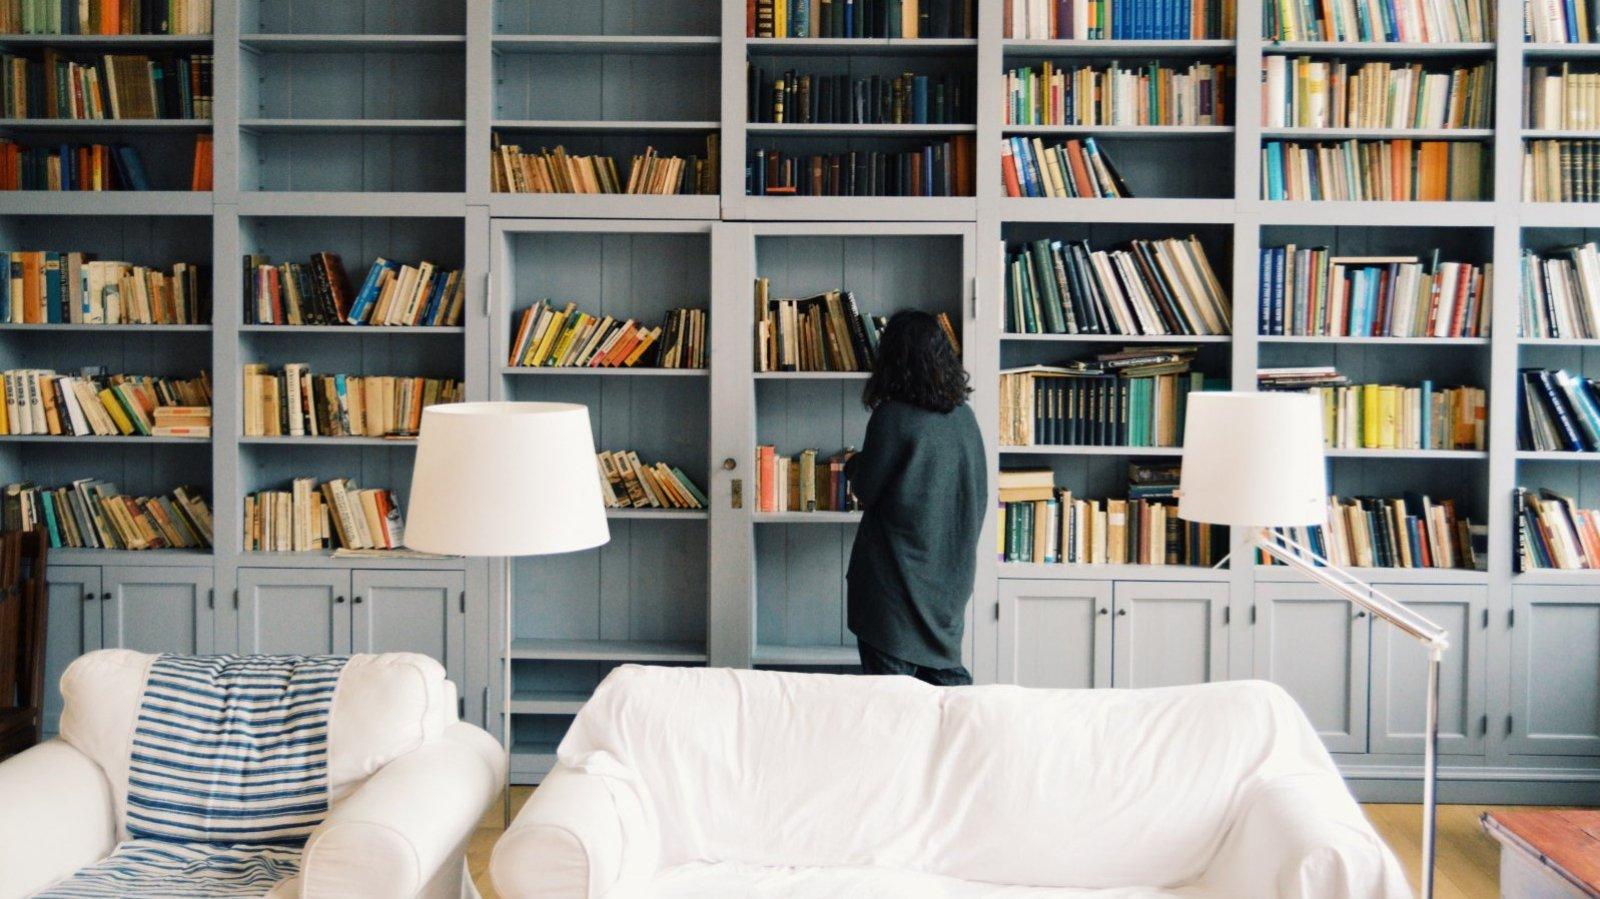 Mantener un hogar ordenado es fácil con estos sencillos trucos.